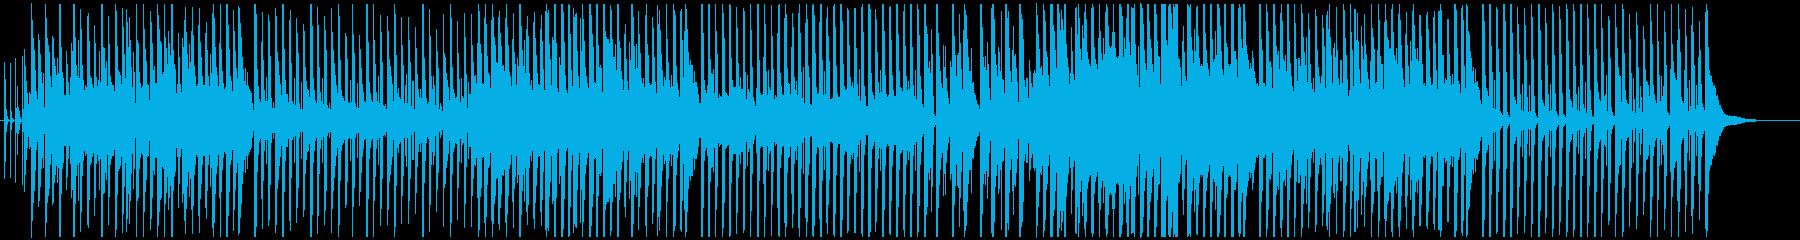 まったり-のどかなポップオーケストラ-森の再生済みの波形